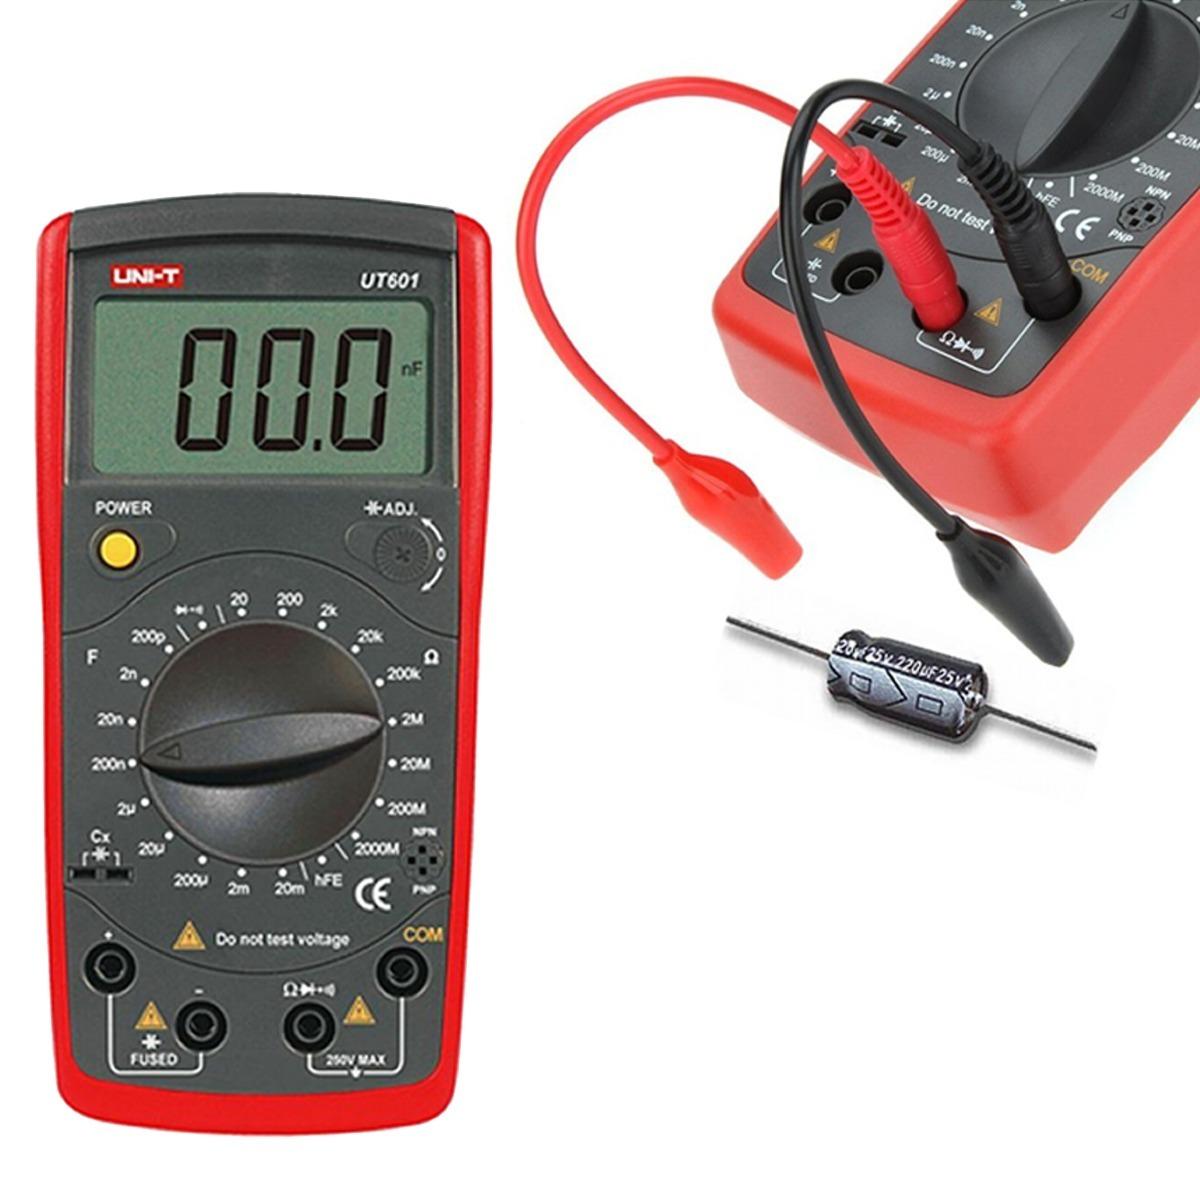 دستگاهخازن-سنج-(LCR-متر)-دیجیتالی-یونیتی-مدل-UNI-T-UT-601